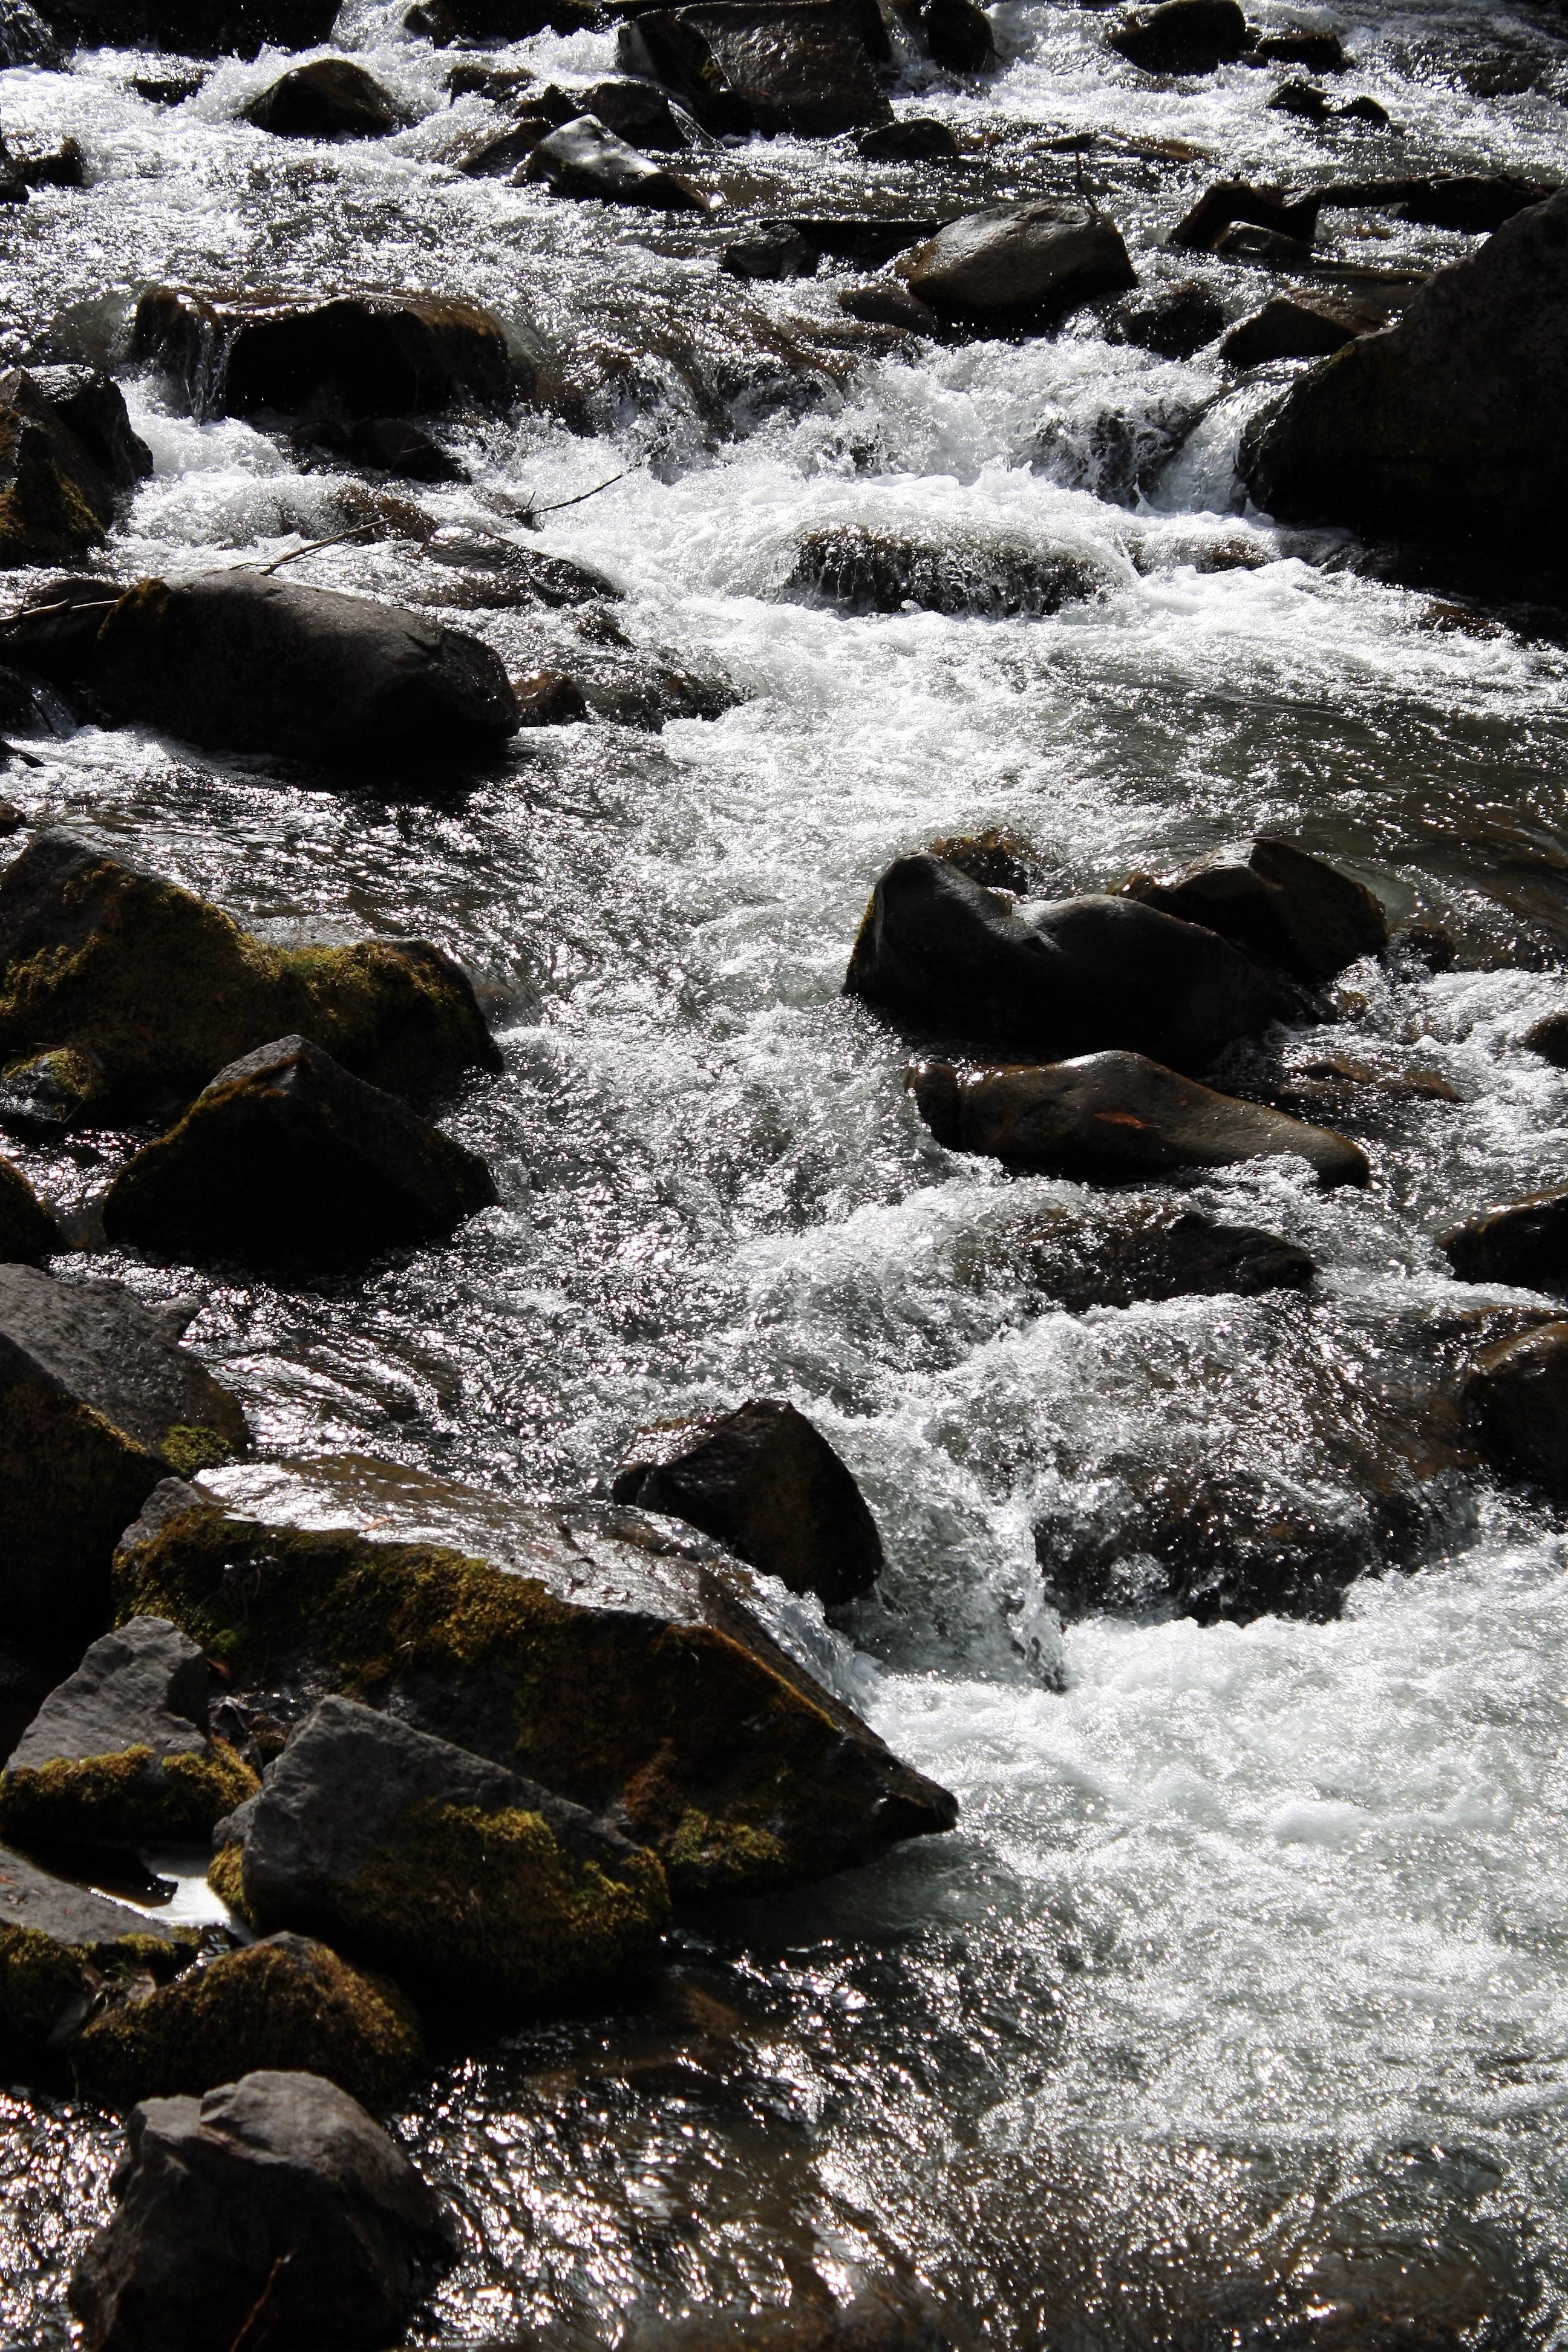 DM_nature_landscape_hiking_8314